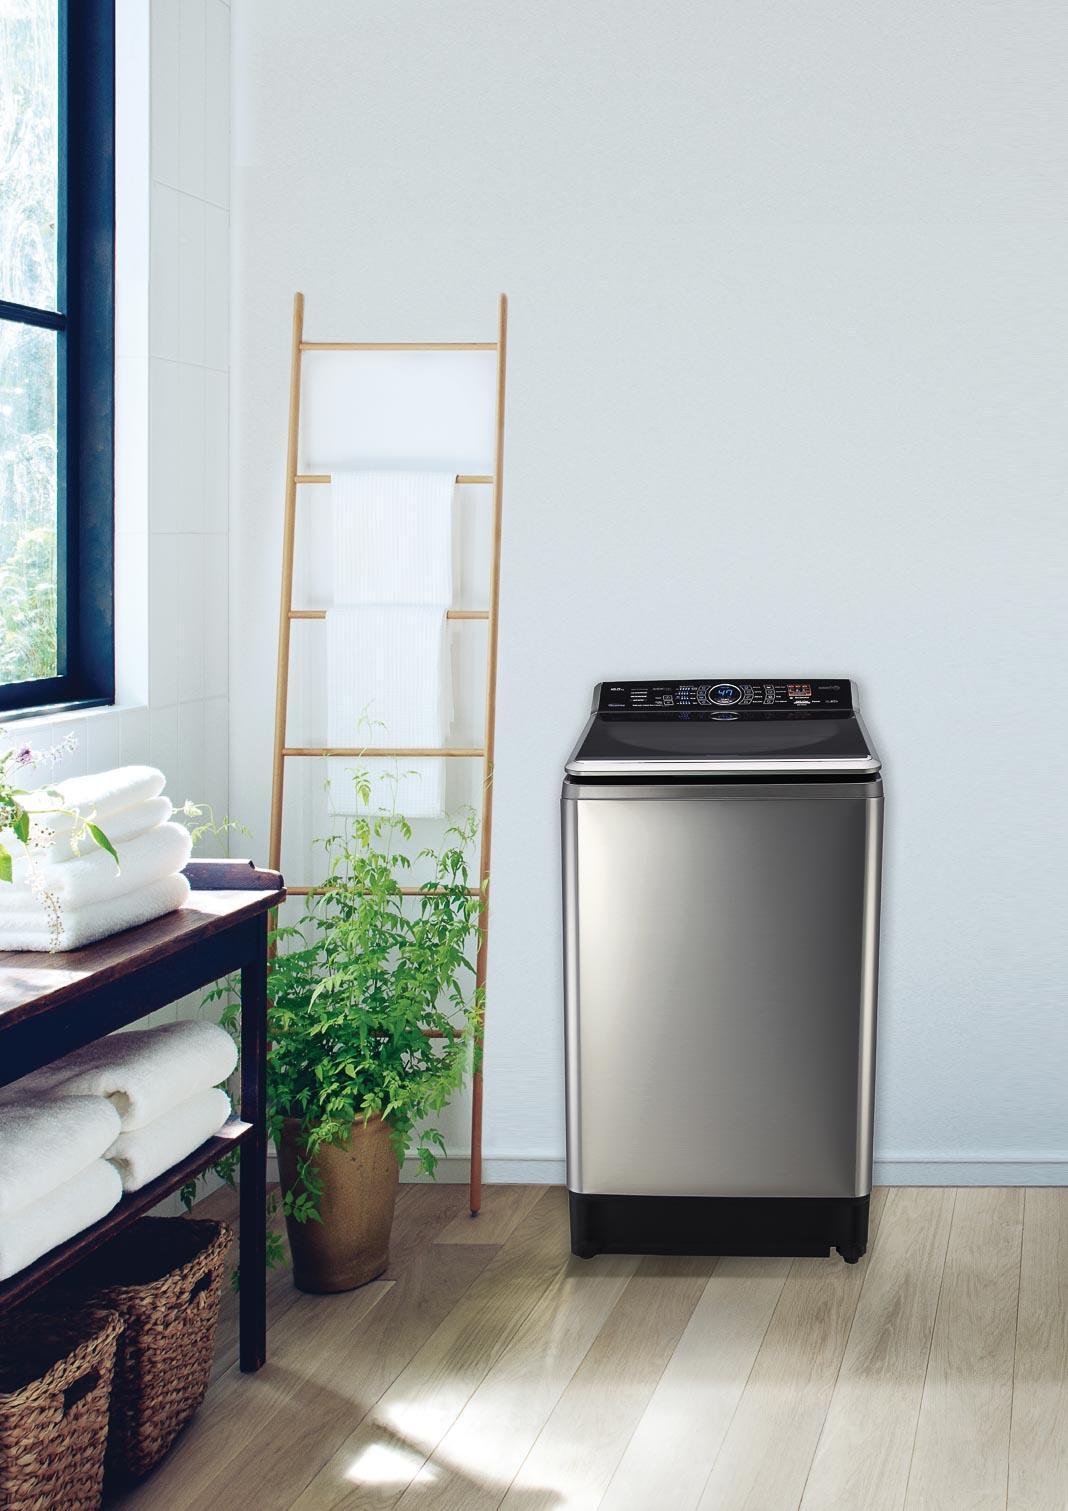 Máy giặt nước nóng Panasonic Inverter series 7 1